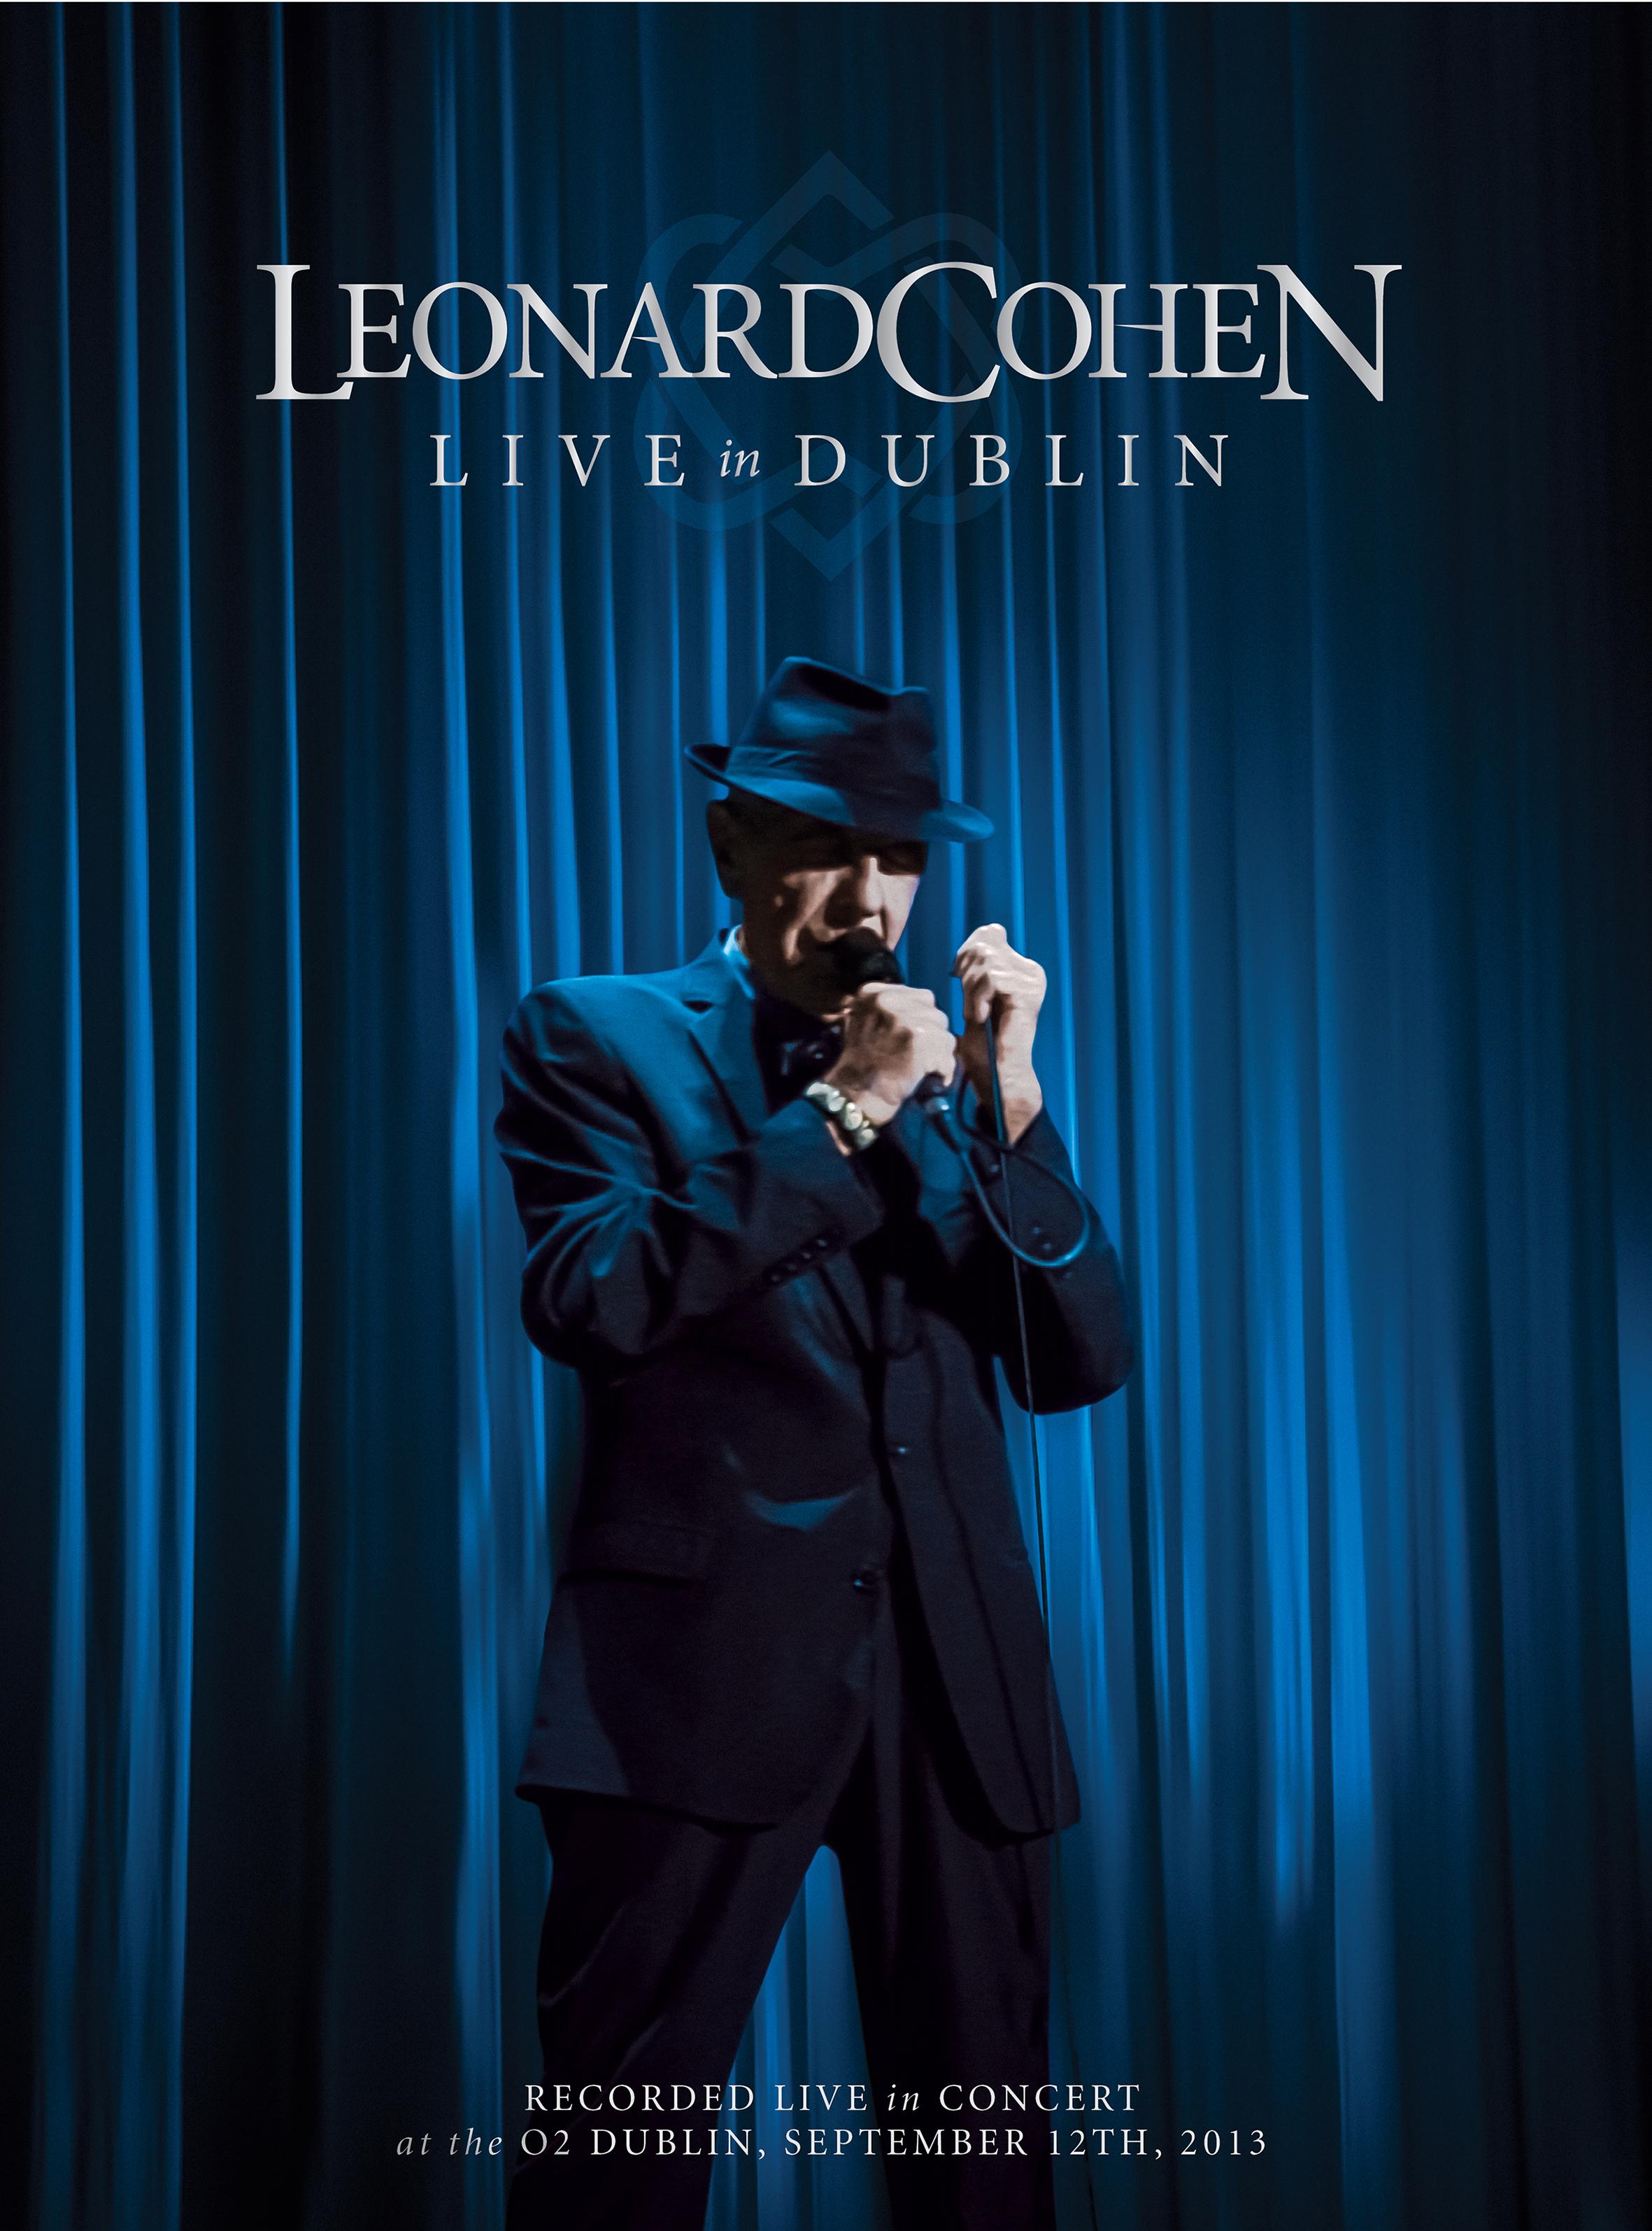 Leonard Cohen Live in Dublin DVD cover